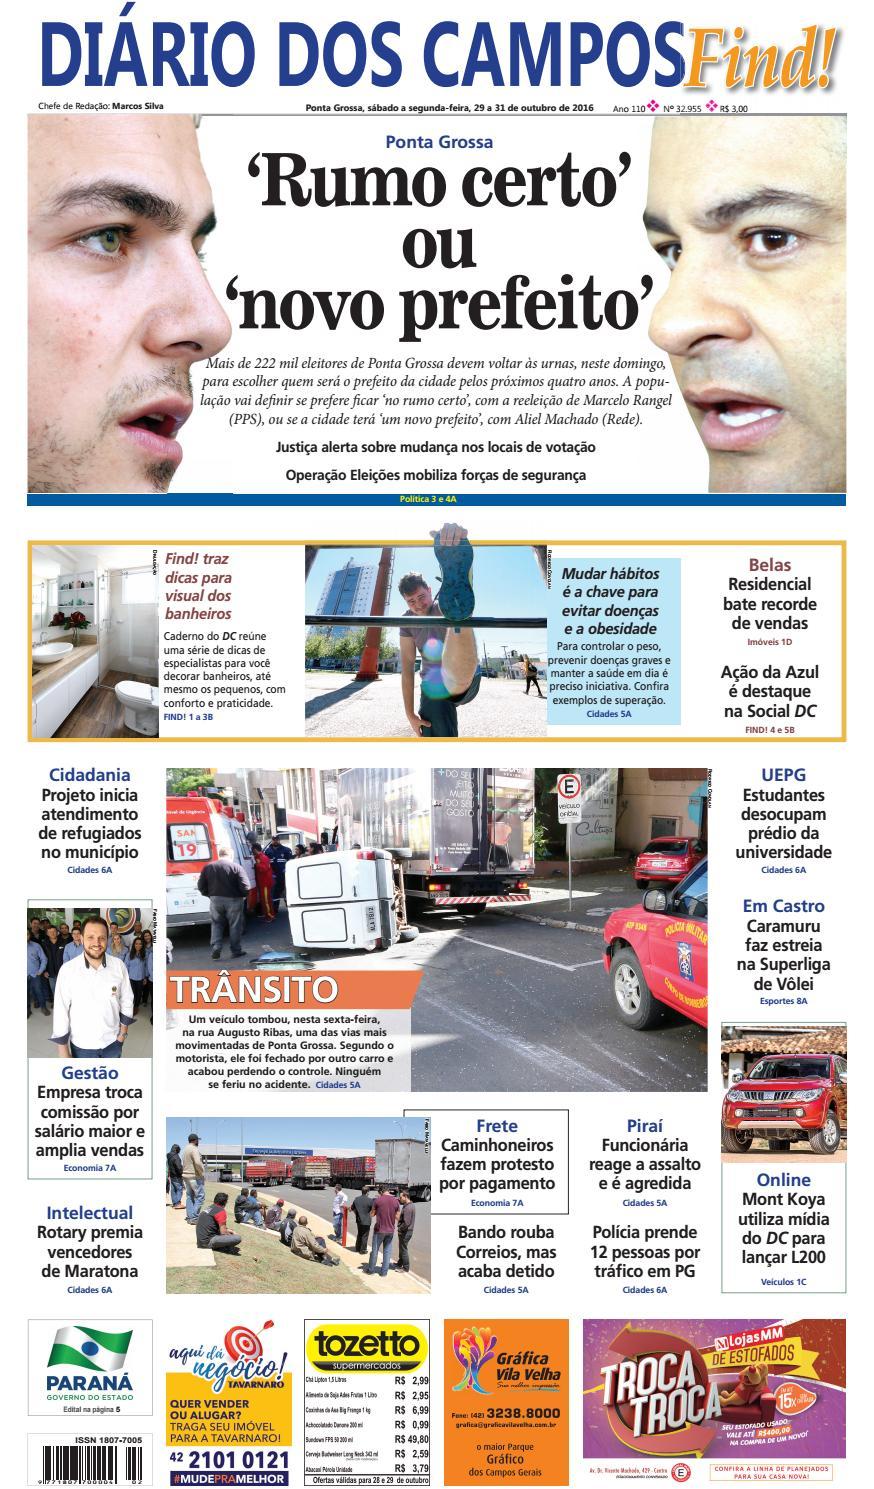 Ed32955 by Diário dos Campos - issuu df27a2adb2481